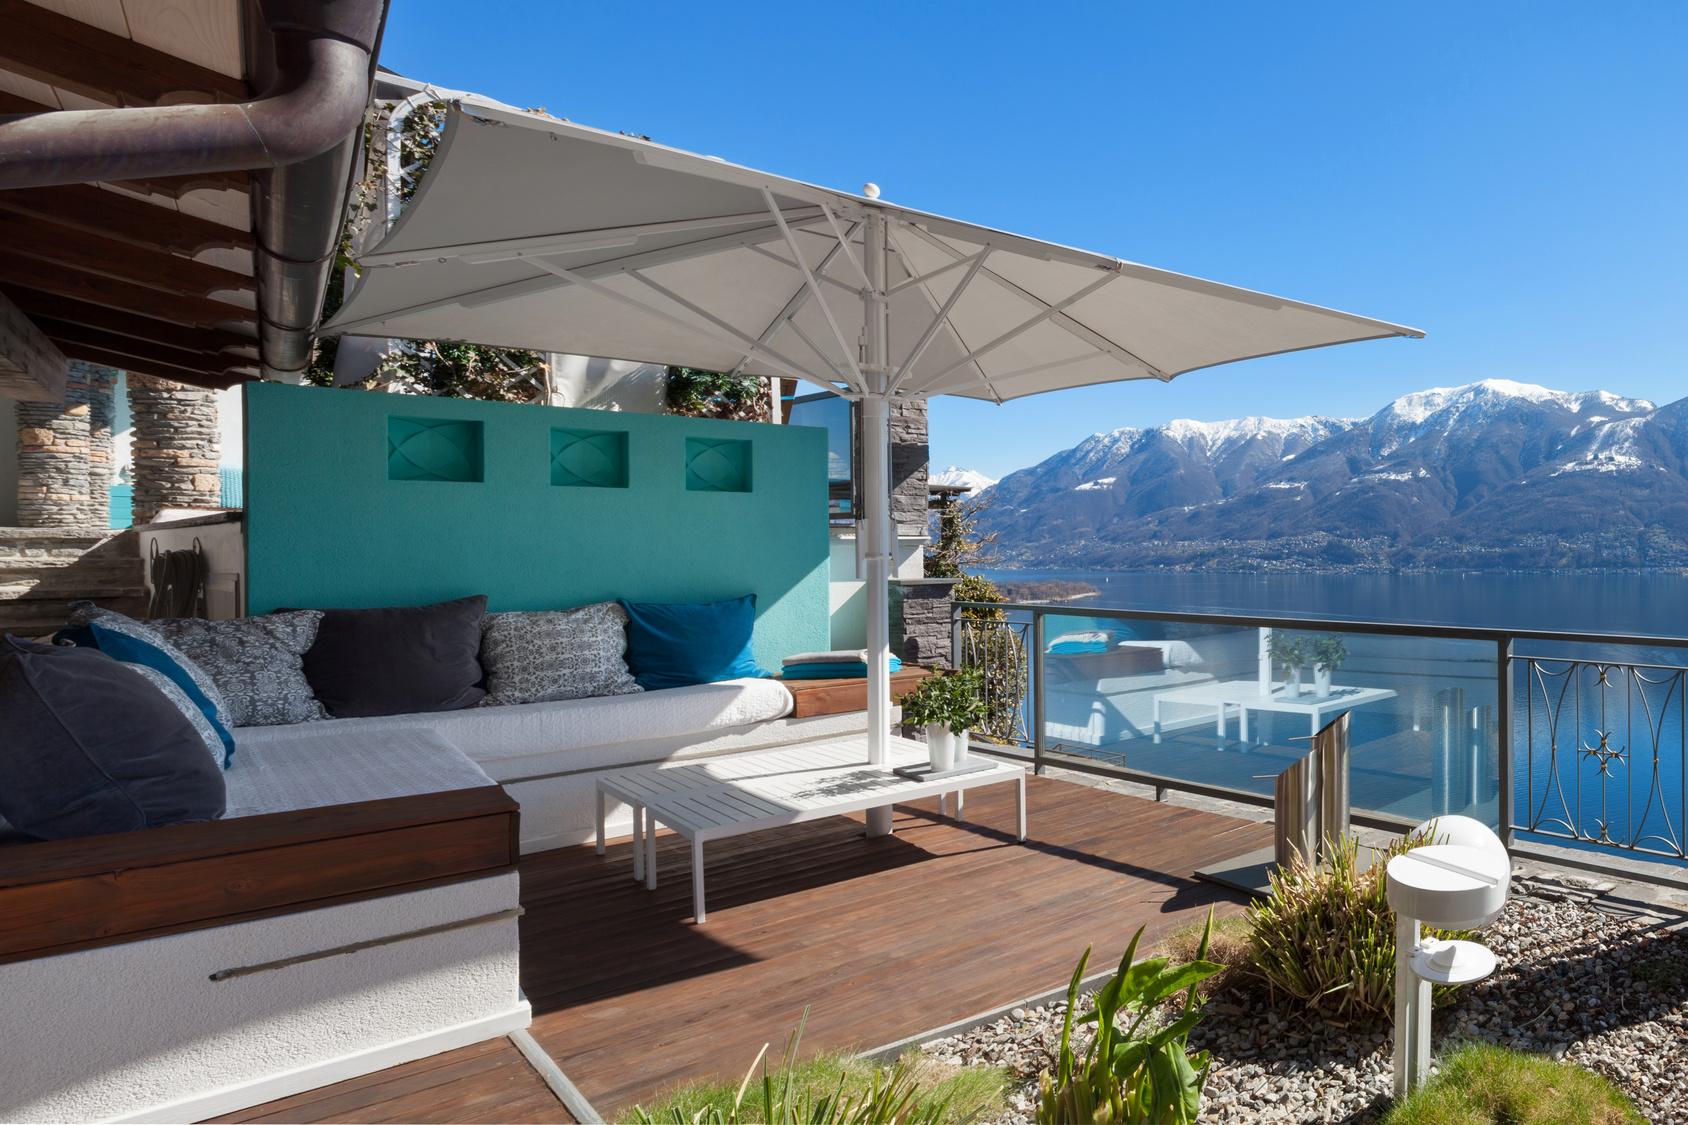 Des id es de mobilier de jardin pour votre terrasse les for Petit mobilier de jardin